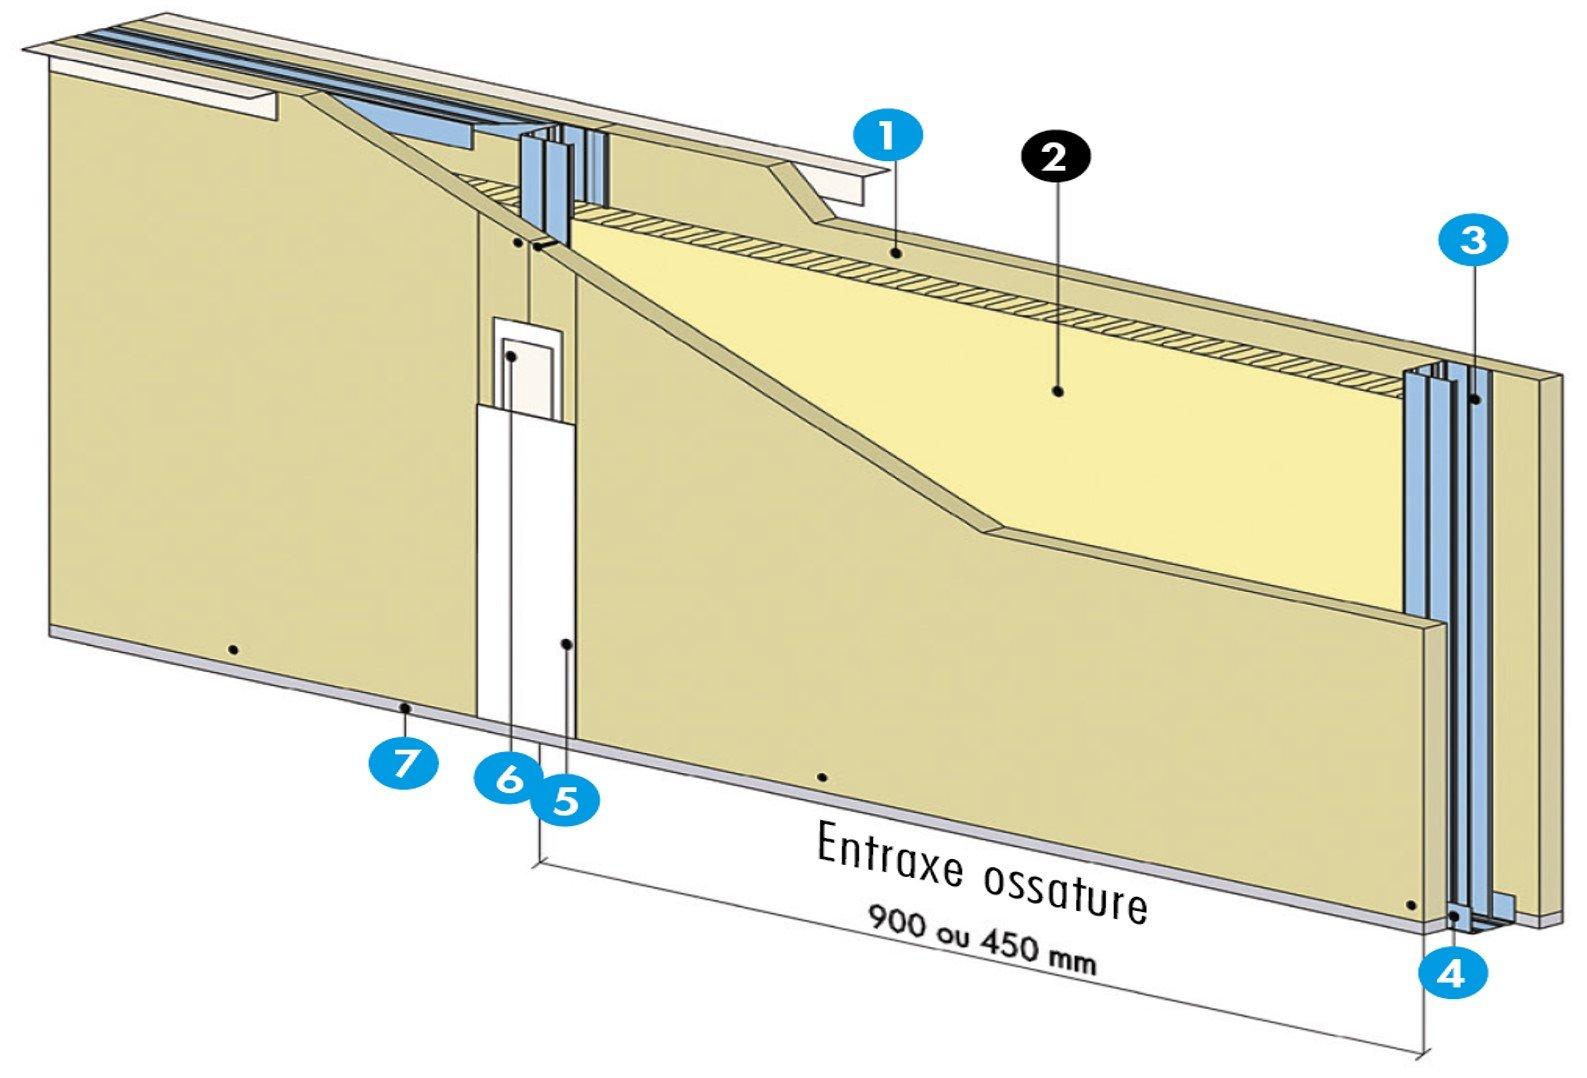 Cloison Km 98 48 2ks25 3 5m Montant Simple Entraxe 900 Cloisons Km Isolantes Knauf